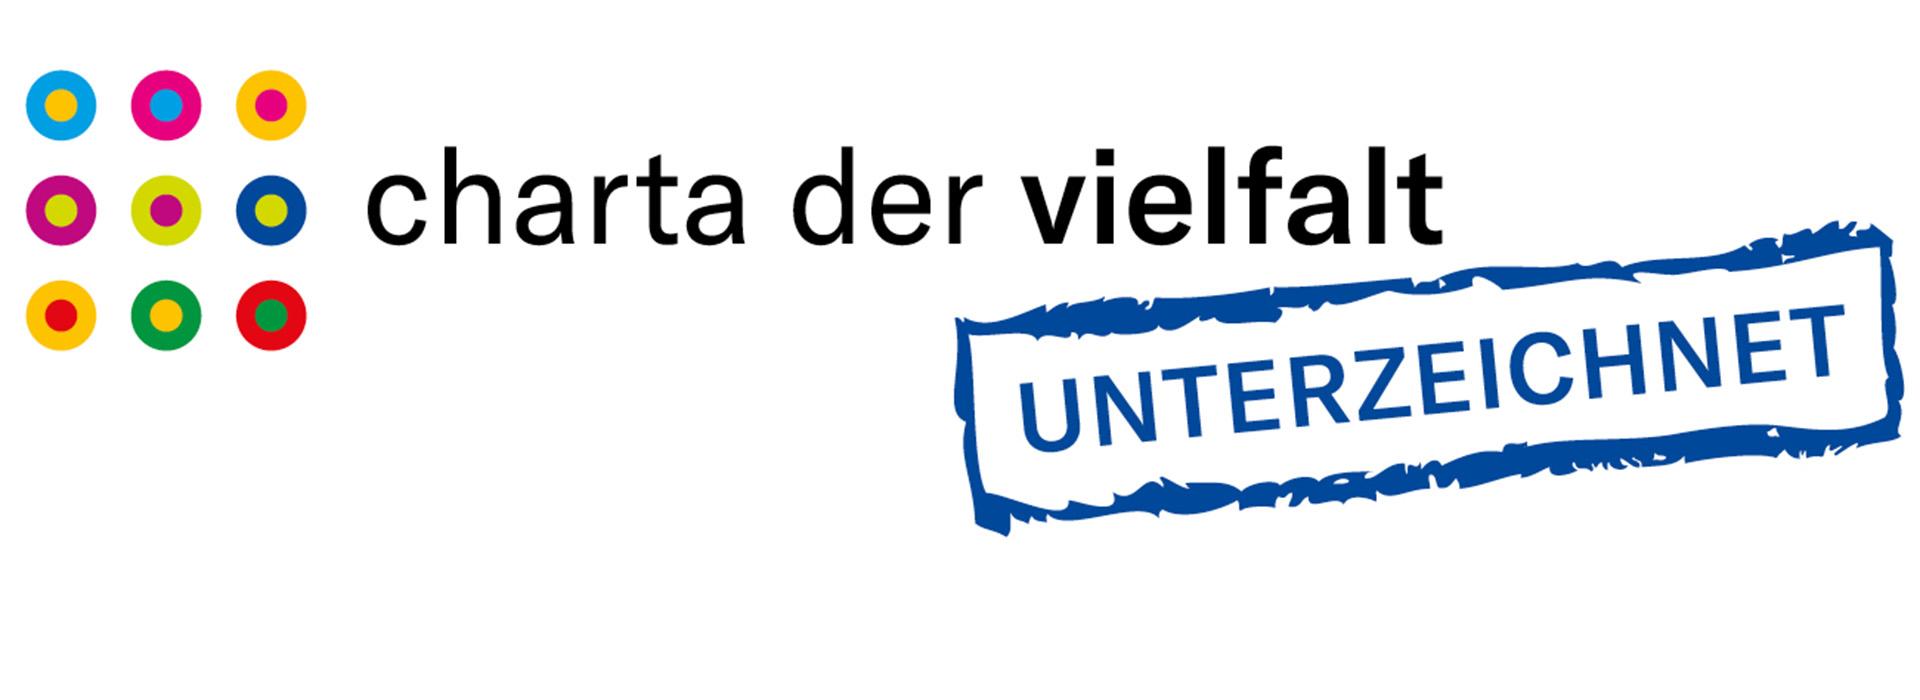 de-de_culture_logo-charta-vielfalt_1920x700